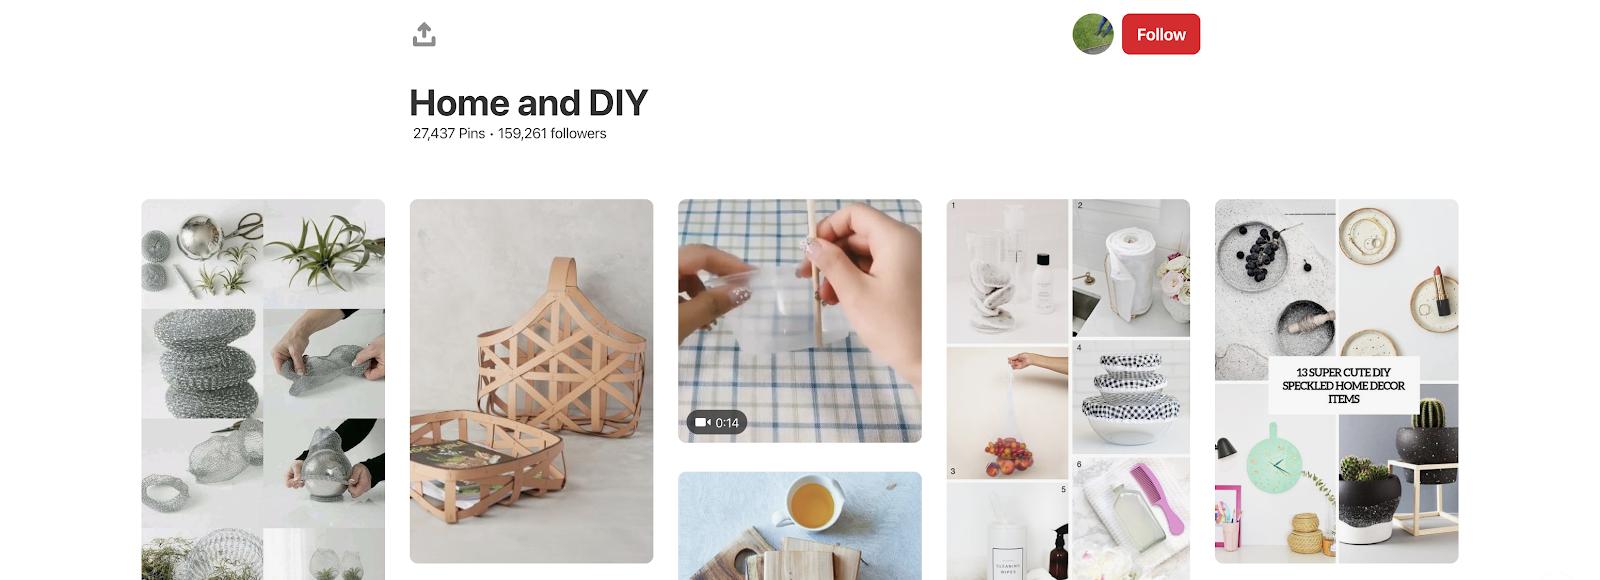 Pinterest Casa e fai da te